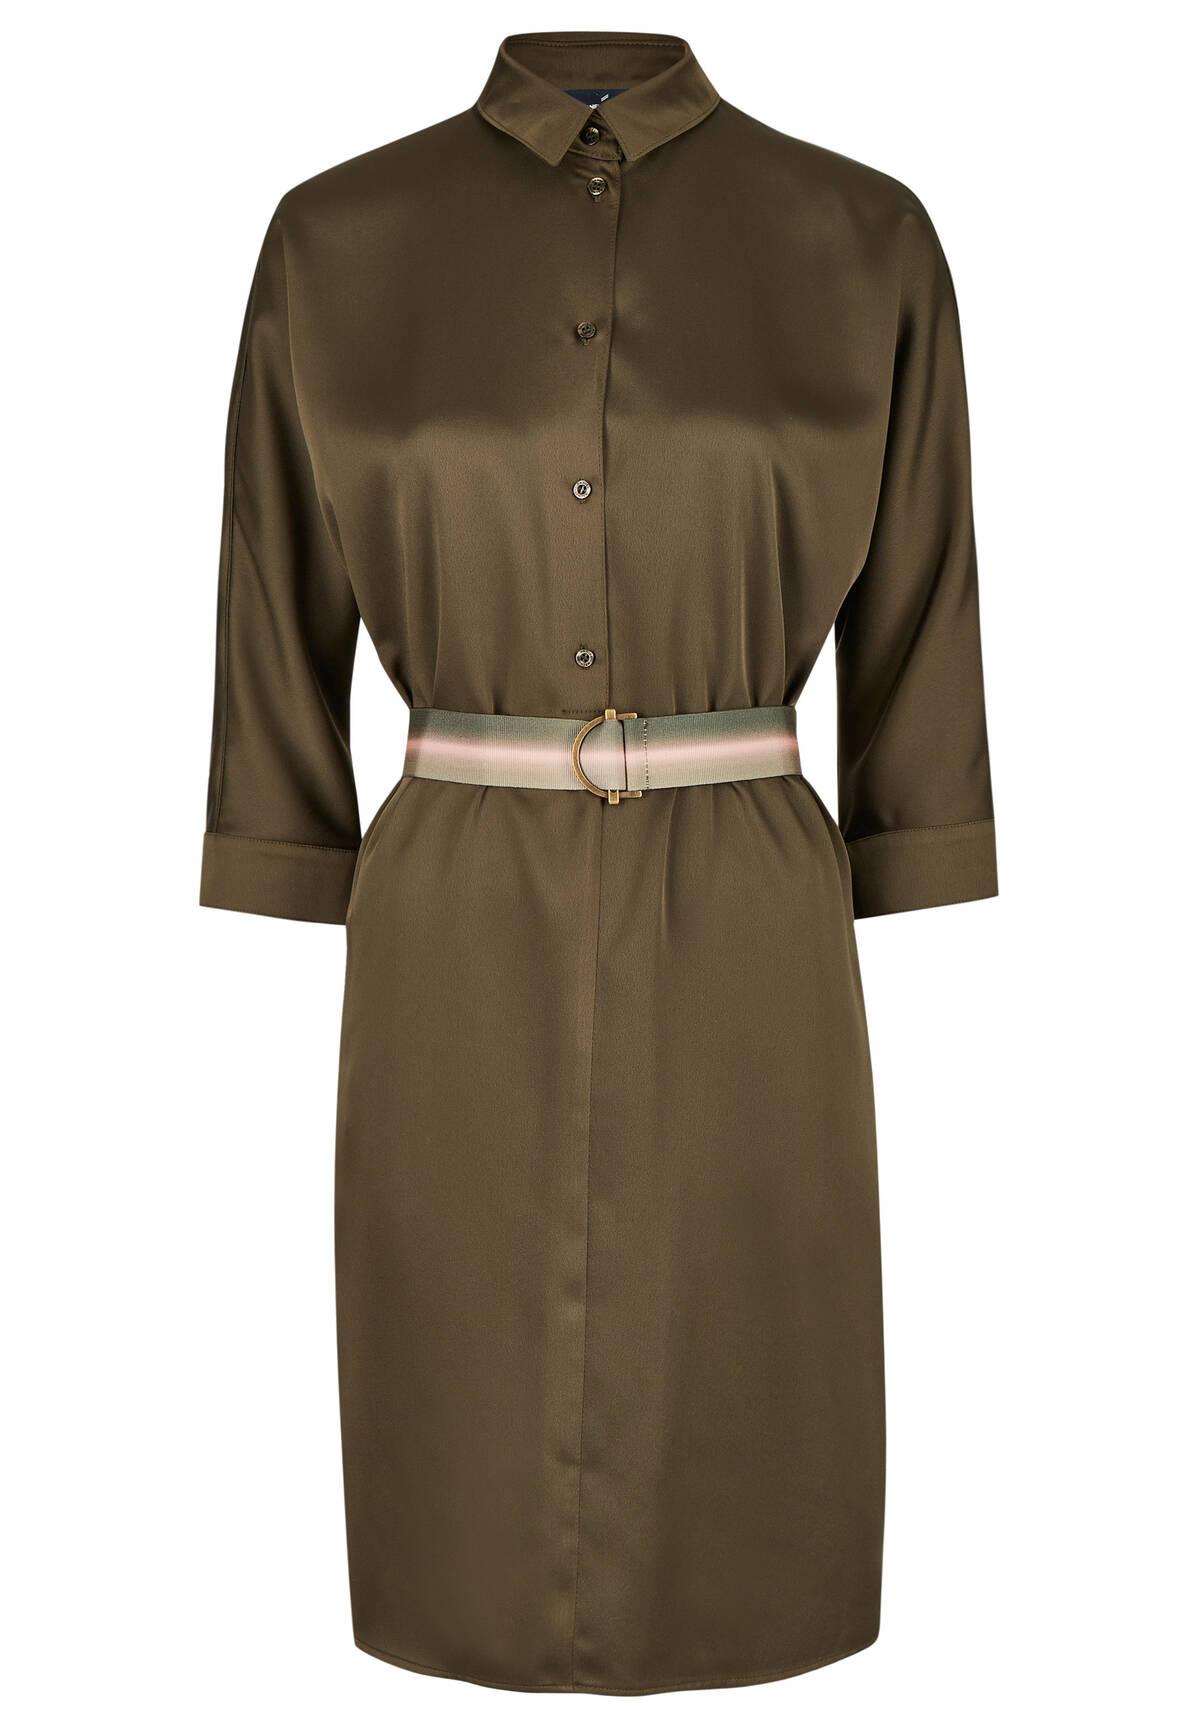 Modisches Kleid mit Gürtel / Dress